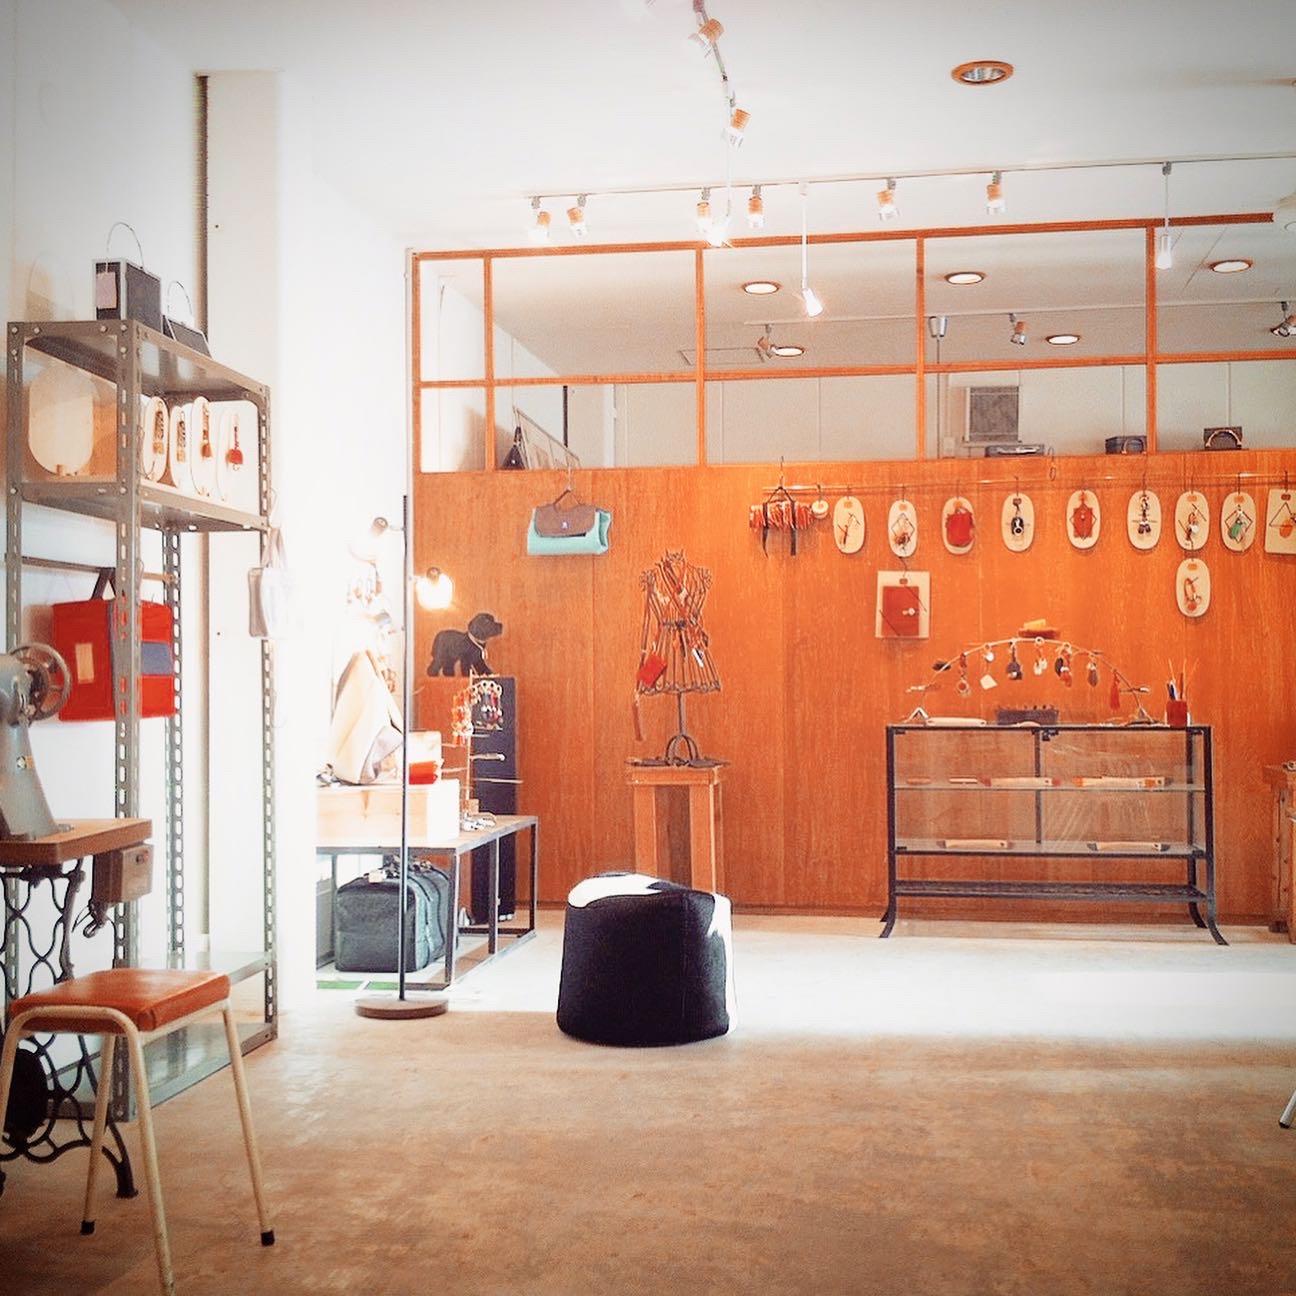 国内、海外から、オリジナルのボタン、カシメ、ホックを作成したい、ジッパーやチャーム、ネームプレート、バックル、キーホルダー、靴べらなど、にオリジナルのロゴやモチーフを入れた金具を作成したいなど、オリジナル、特注金具作成に関してのご相談を頂きます。